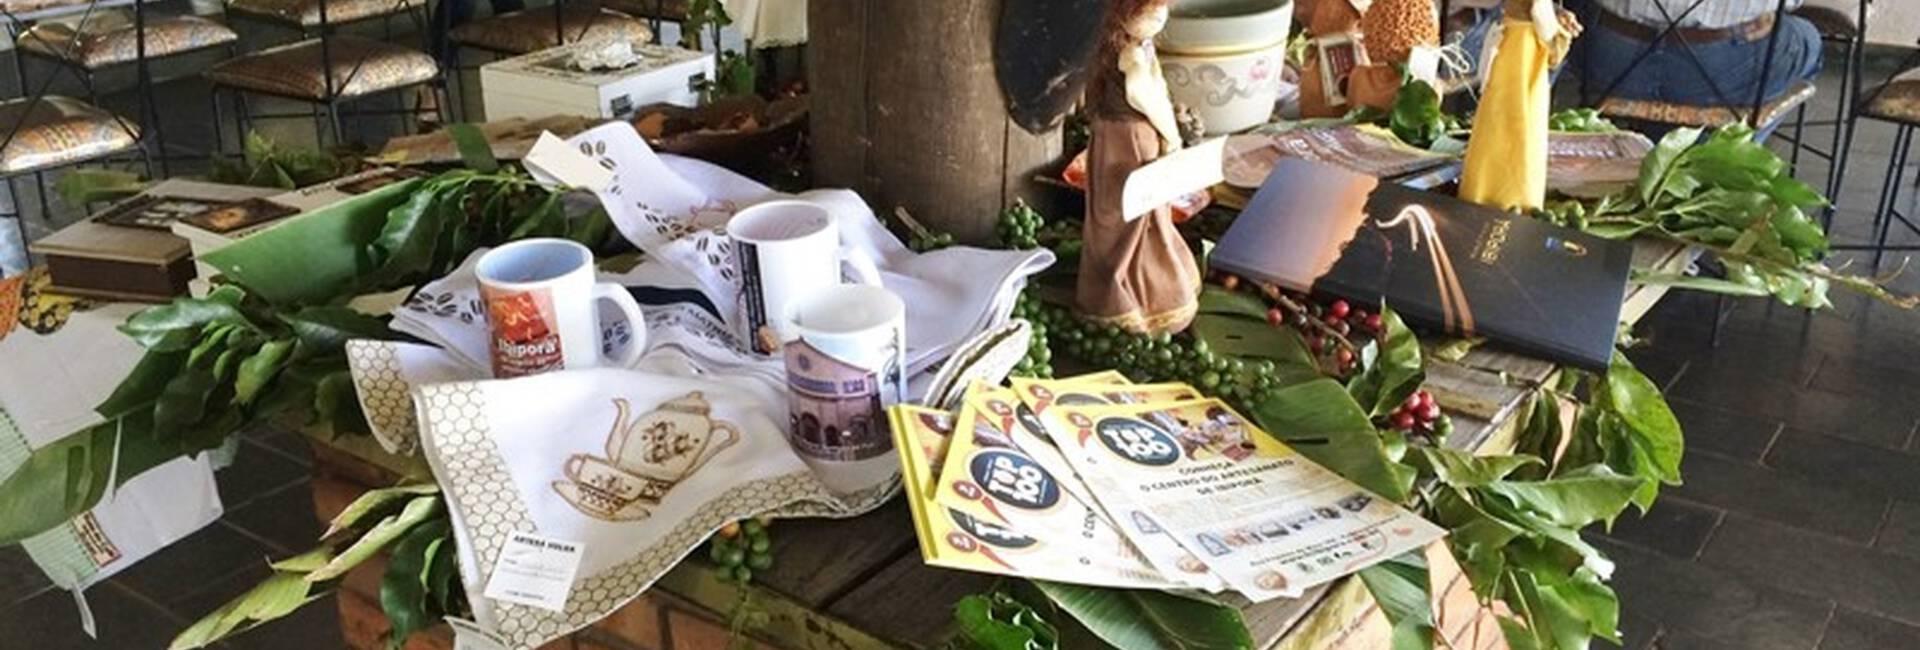 Evento Corporativo de Encontro de Negócios Rota de Café - SEBRAE